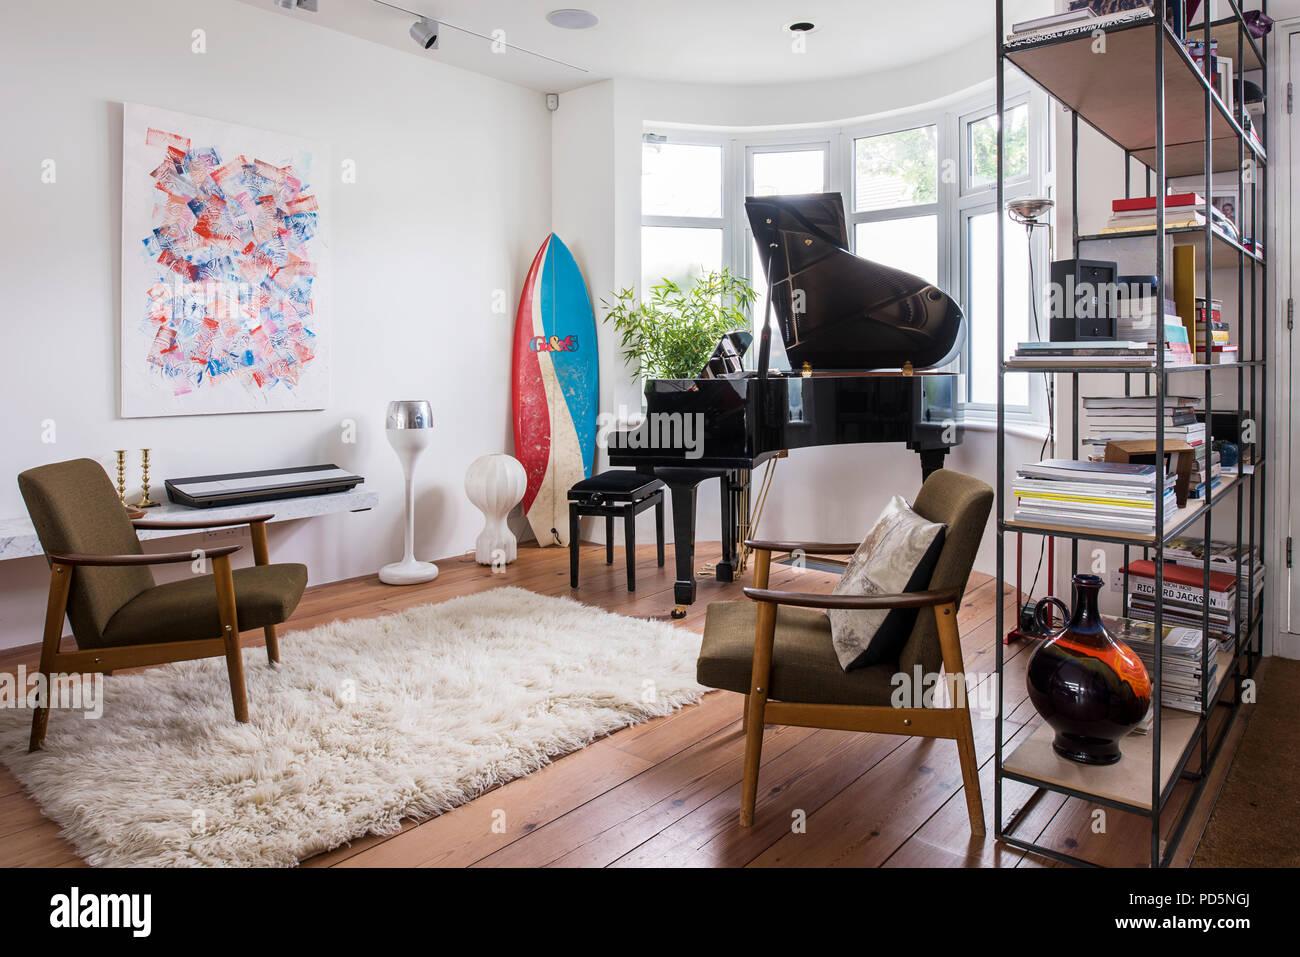 Maison de famille en plan ouvert avec planche de surf, grand piano et paire de fauteuils rétro Photo Stock